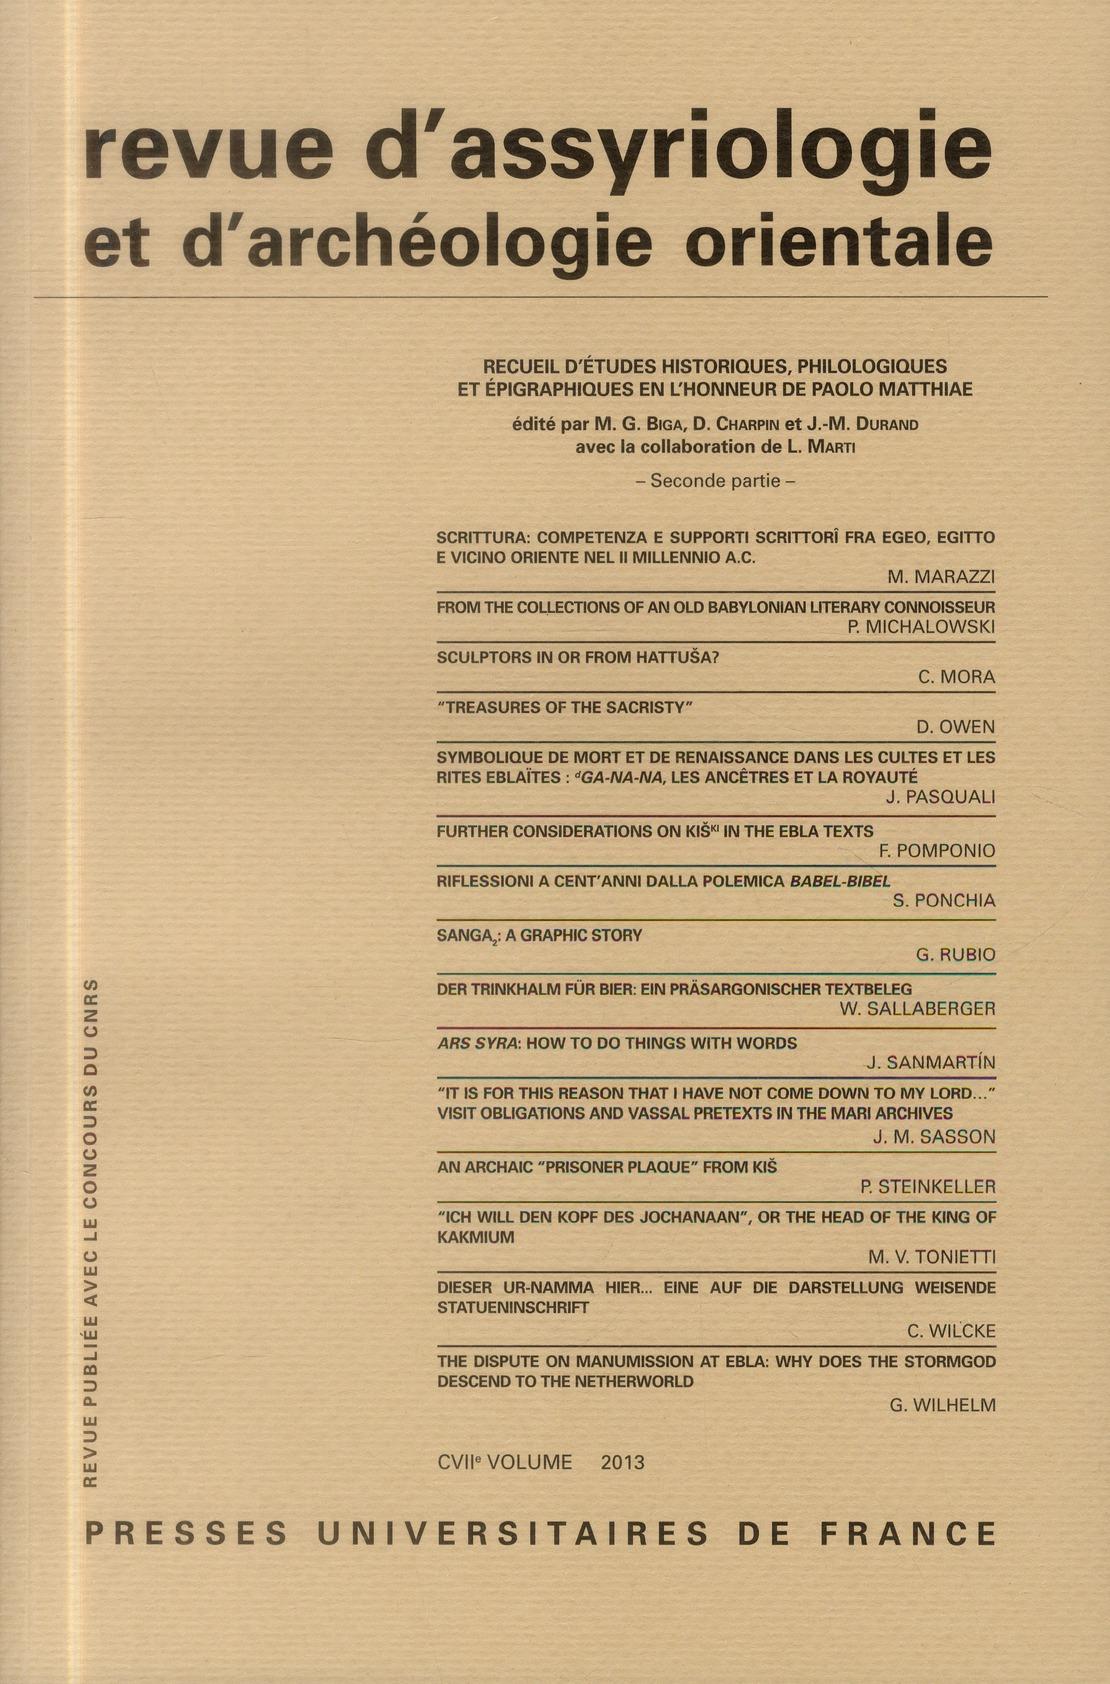 REV. D'ASSYRIO. ET D'ARCHEO. ORIENT. 2013, VOL. 107 - VARIA